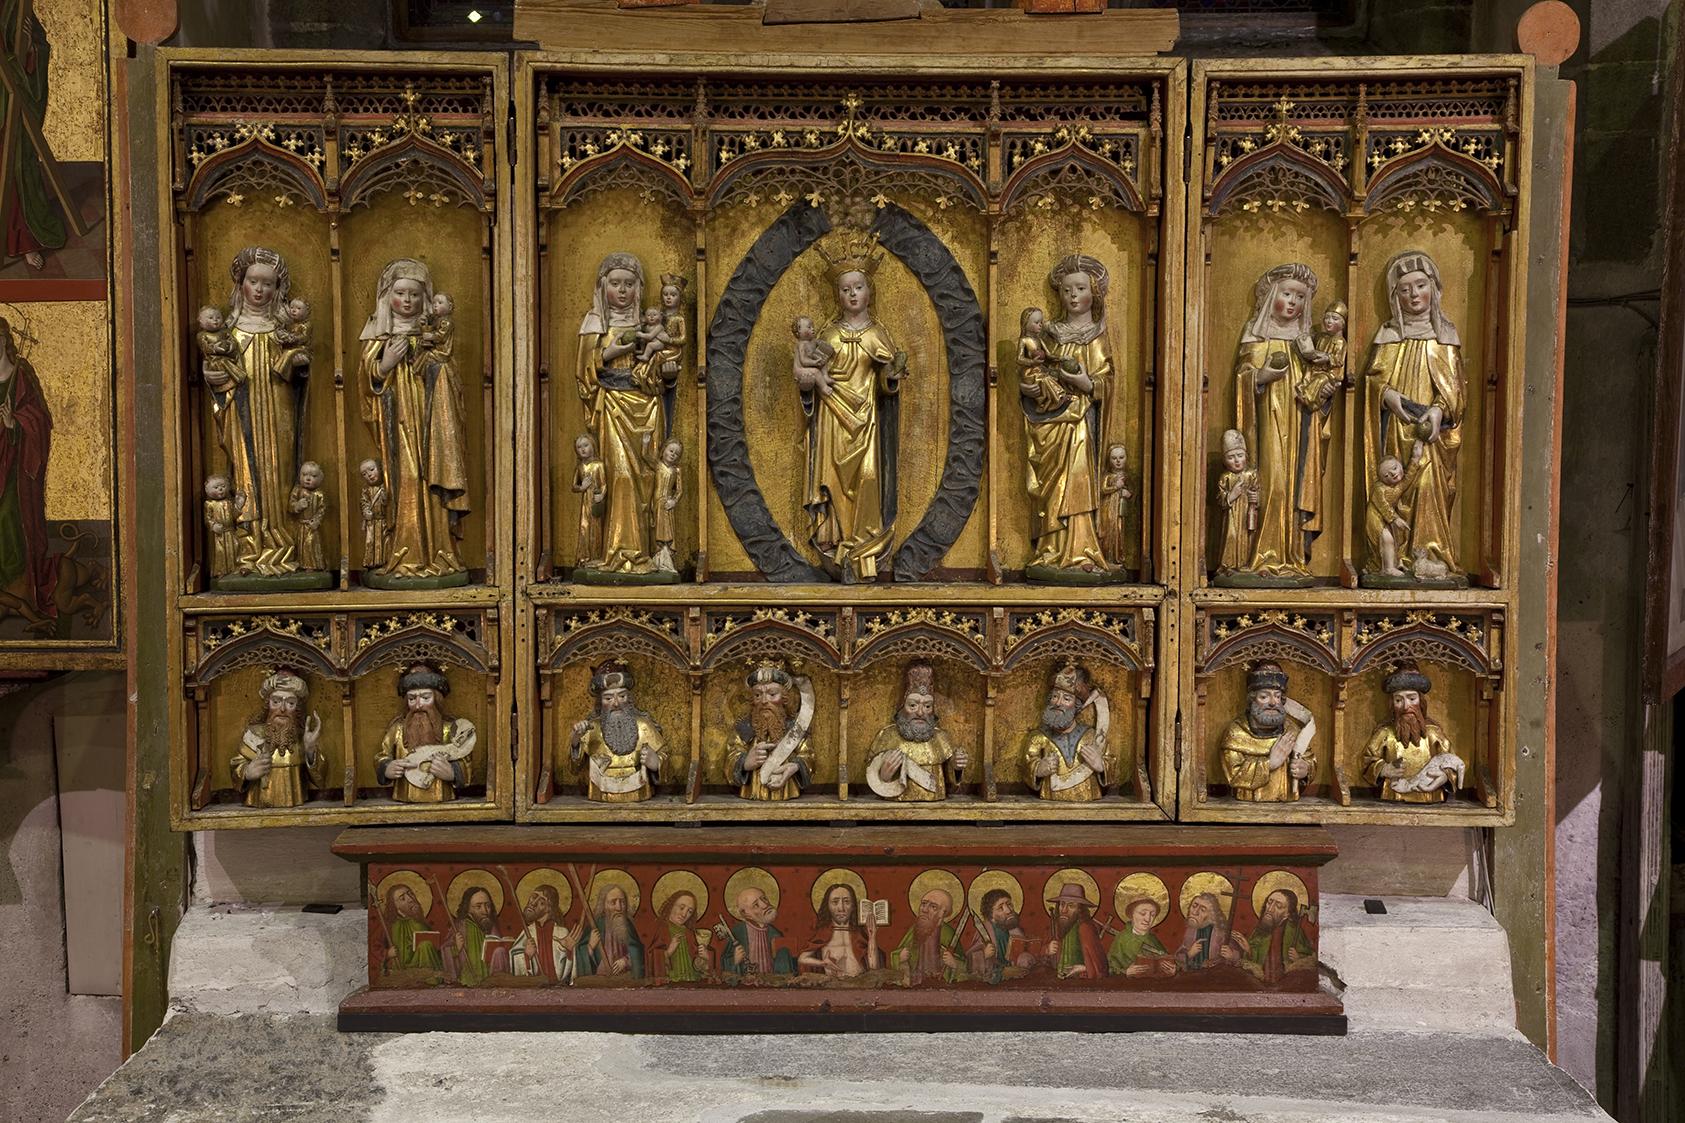 Bilde av interiør i Trondenes kirke: Trondenes kirke i Harstad har tre senmiddelalderske alterskap i koret. De er produsert i Lübeck i siste halvdel av 1400-tallet og tidlig 1500-tall, med Maria og Jesubarnet som hovedmotiv. Foto: Birger Lindstad